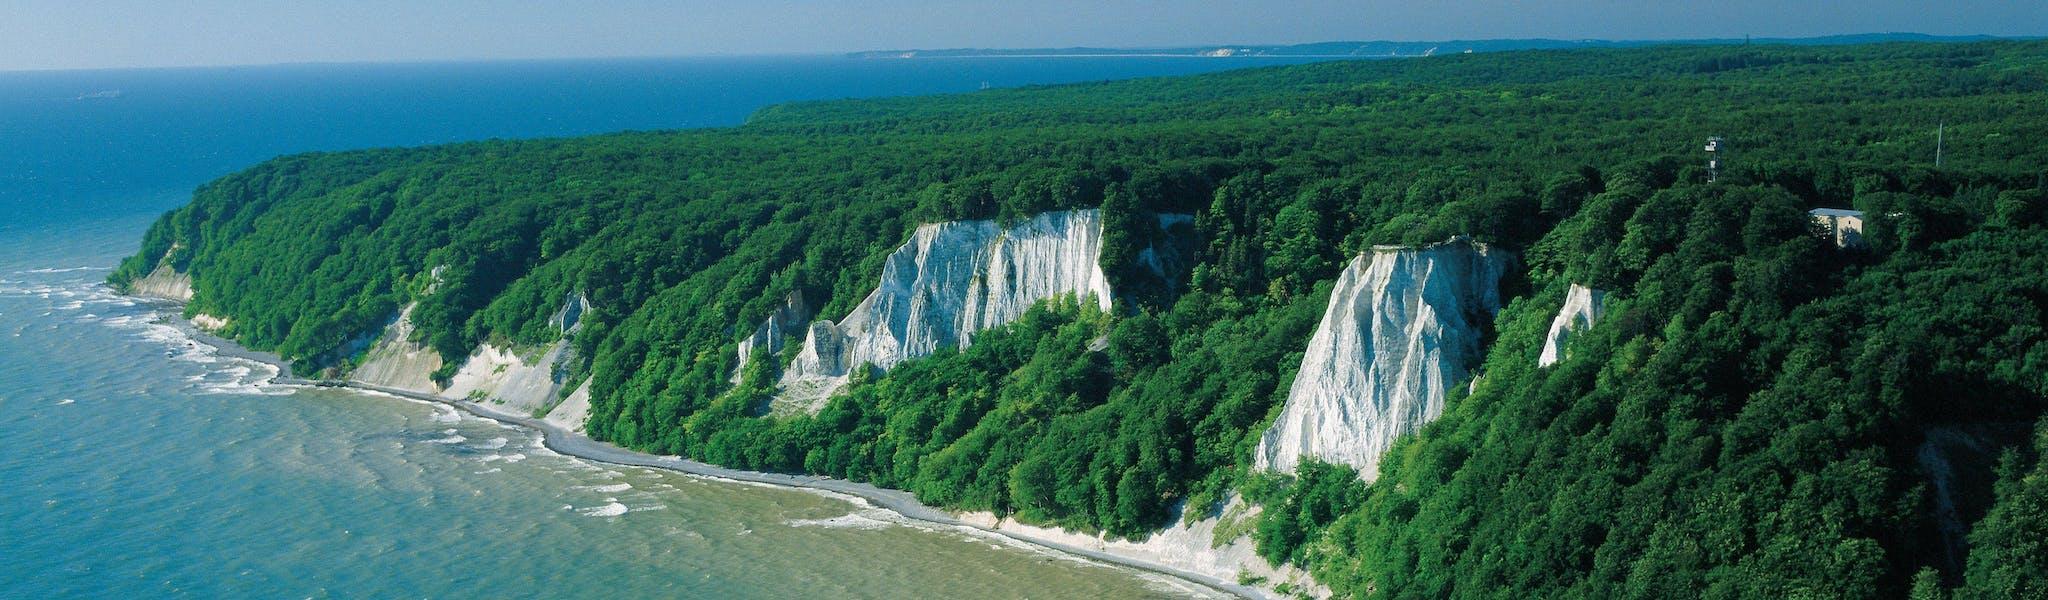 Oostzee Rügen-Göhren